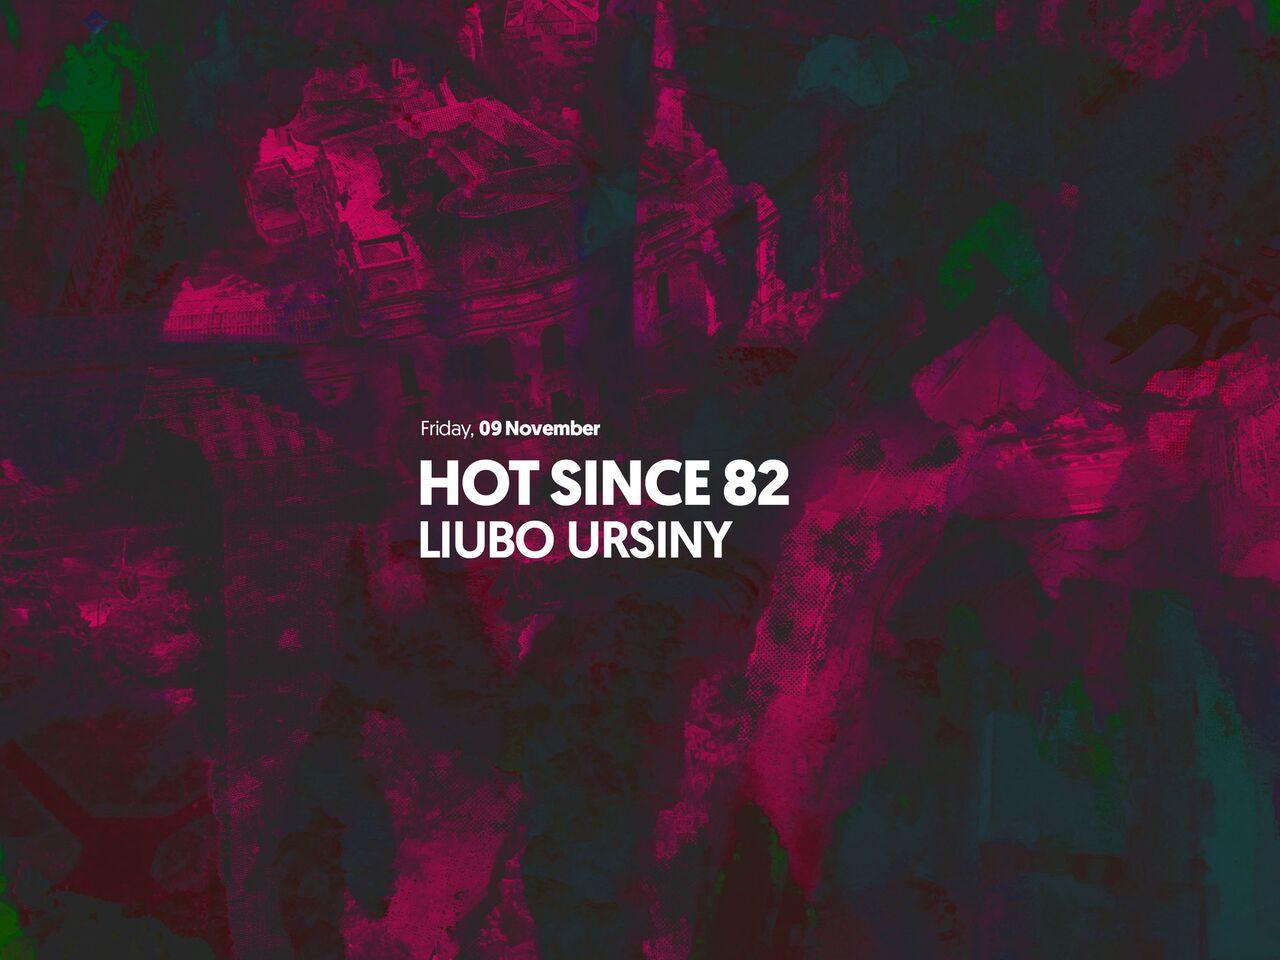 hot since 82 yalta club